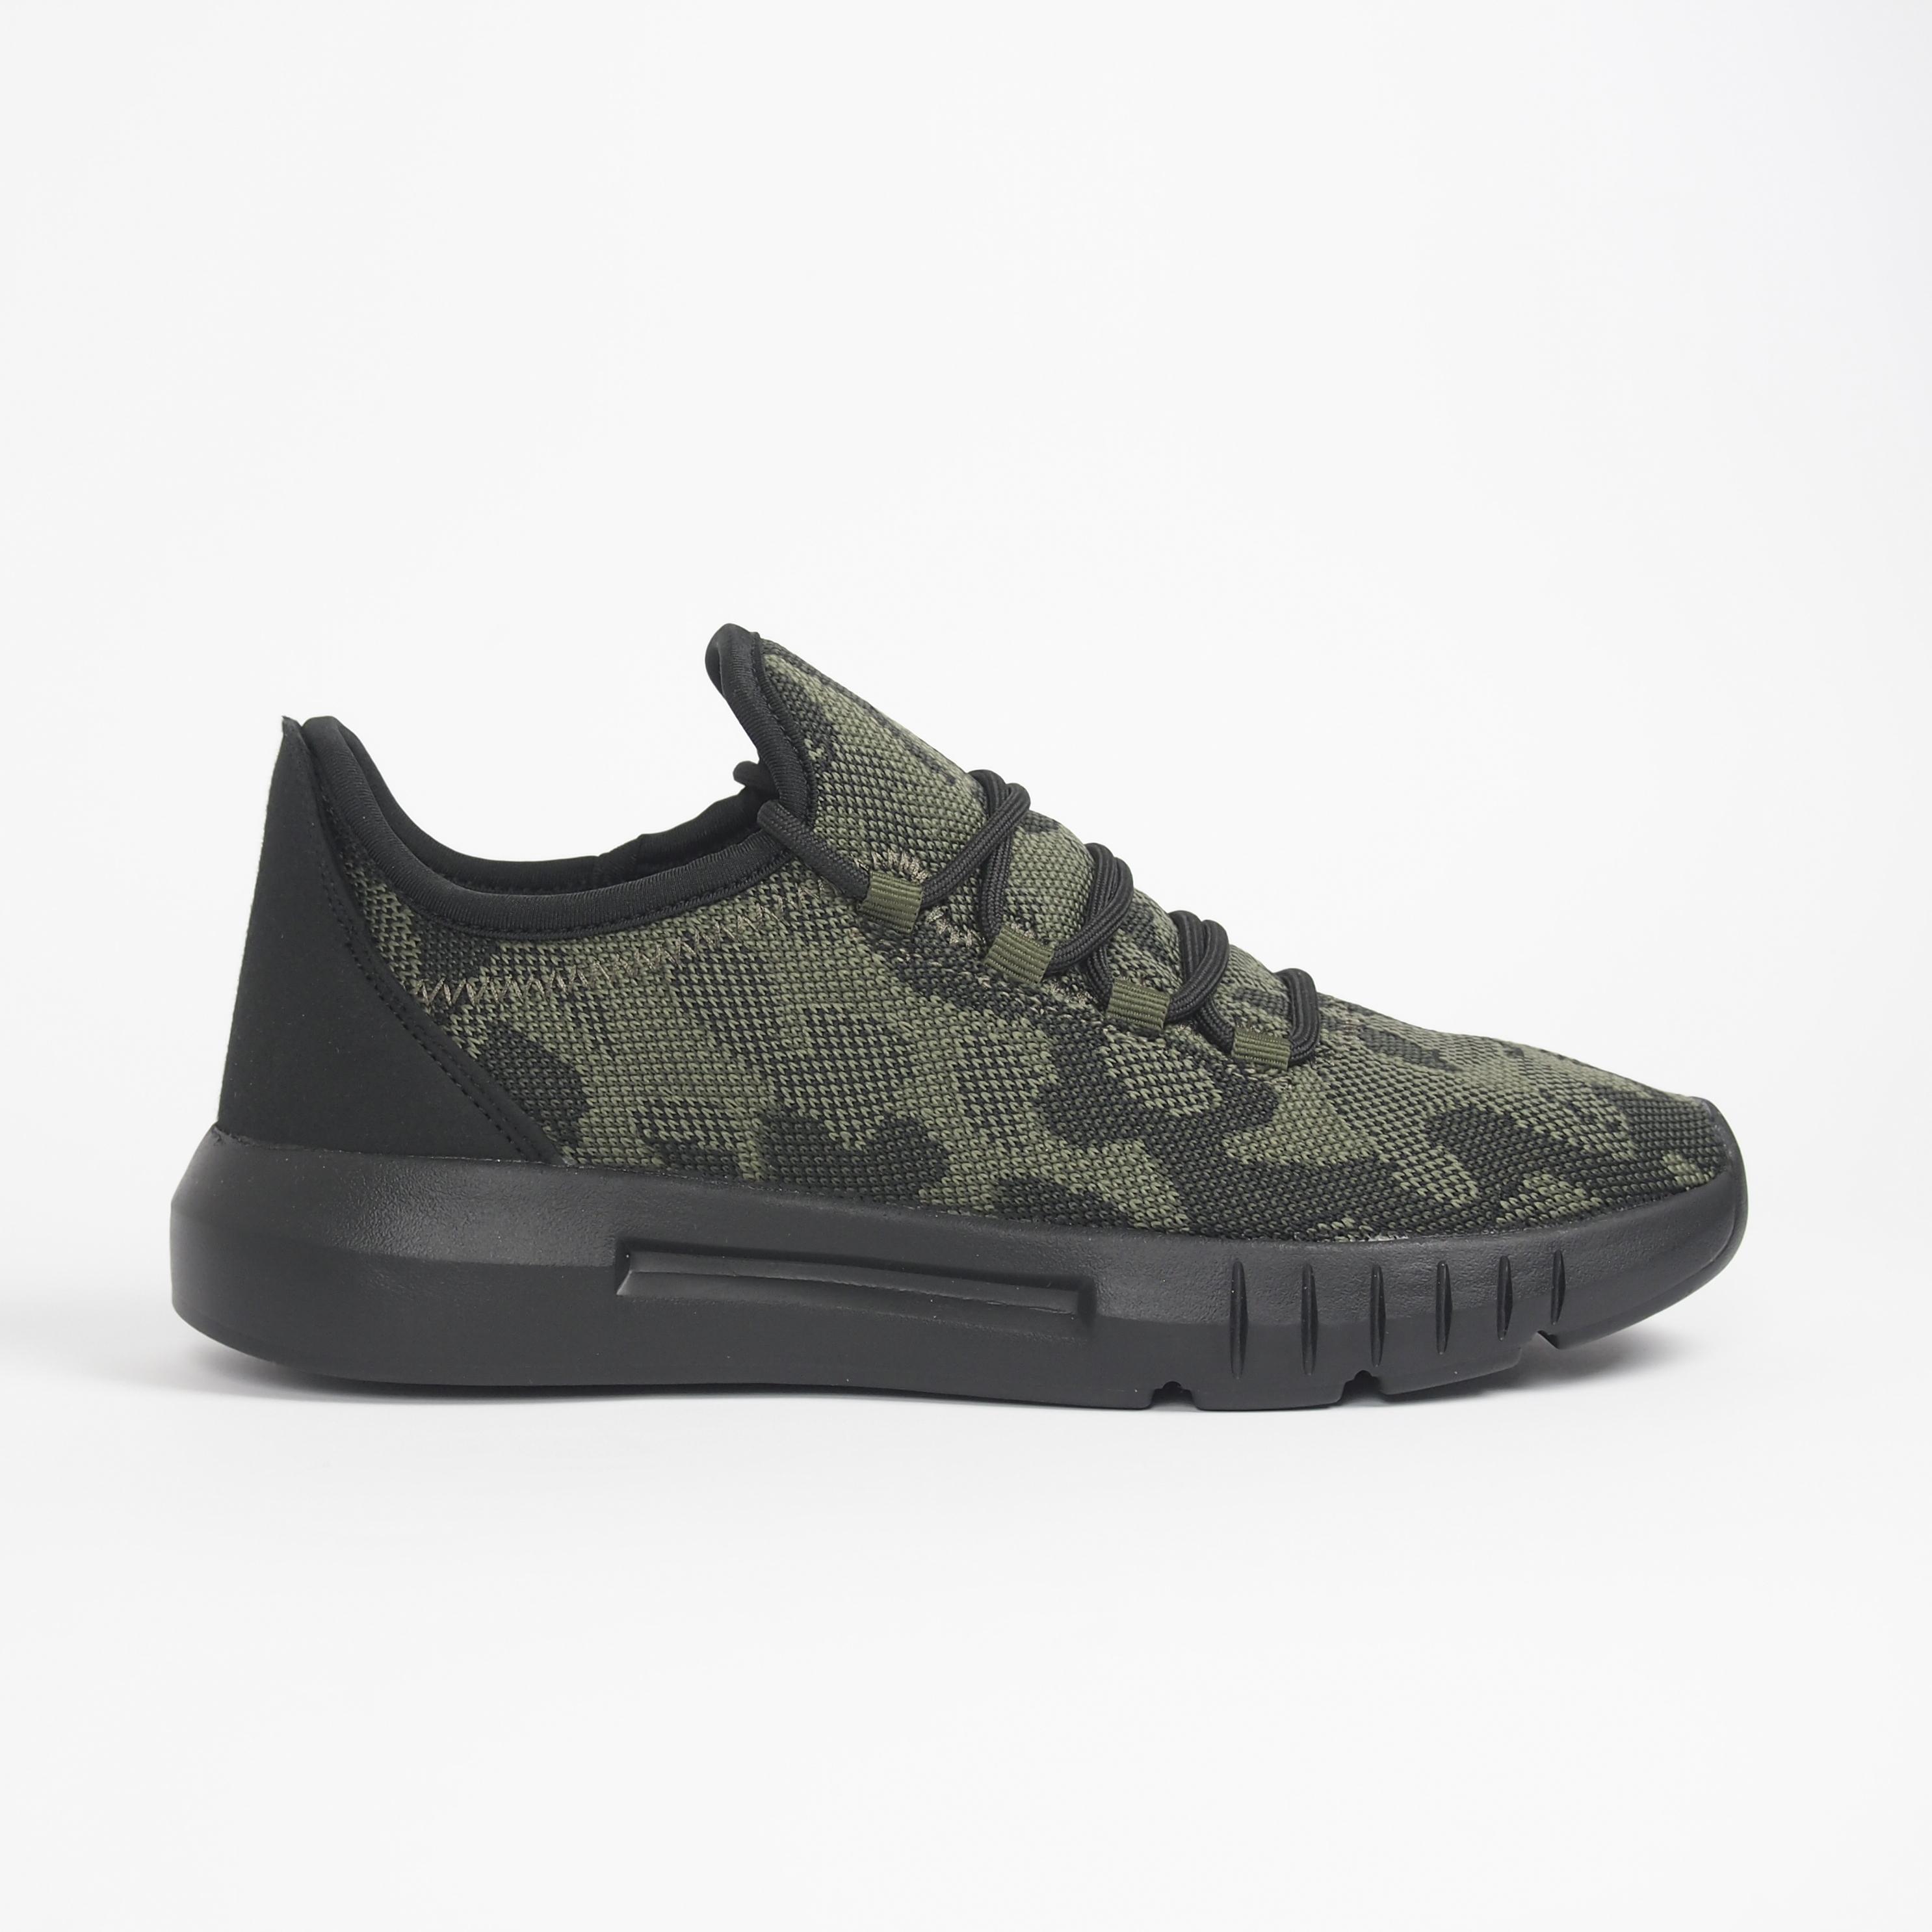 Ανδρικά πράσινα καμουφλαζ αθλητικά παπούτσια ελαφρύ μοντέλο